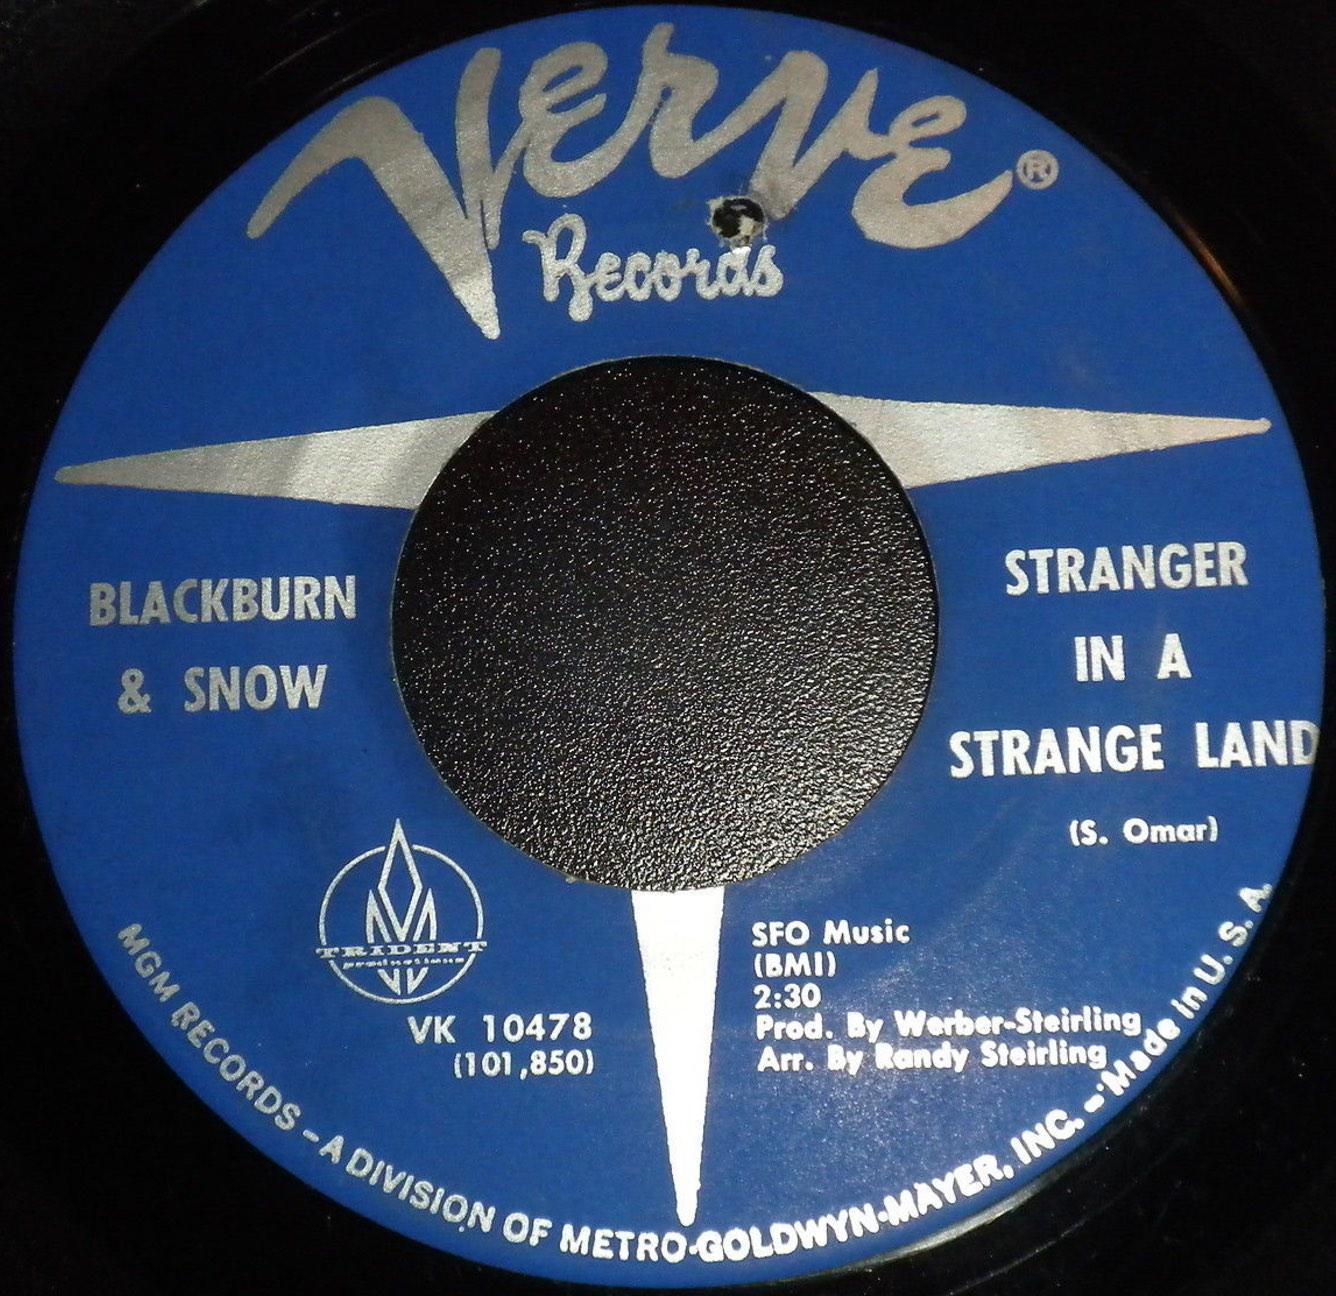 Stranger in a Strange Land (Iron Maiden song)